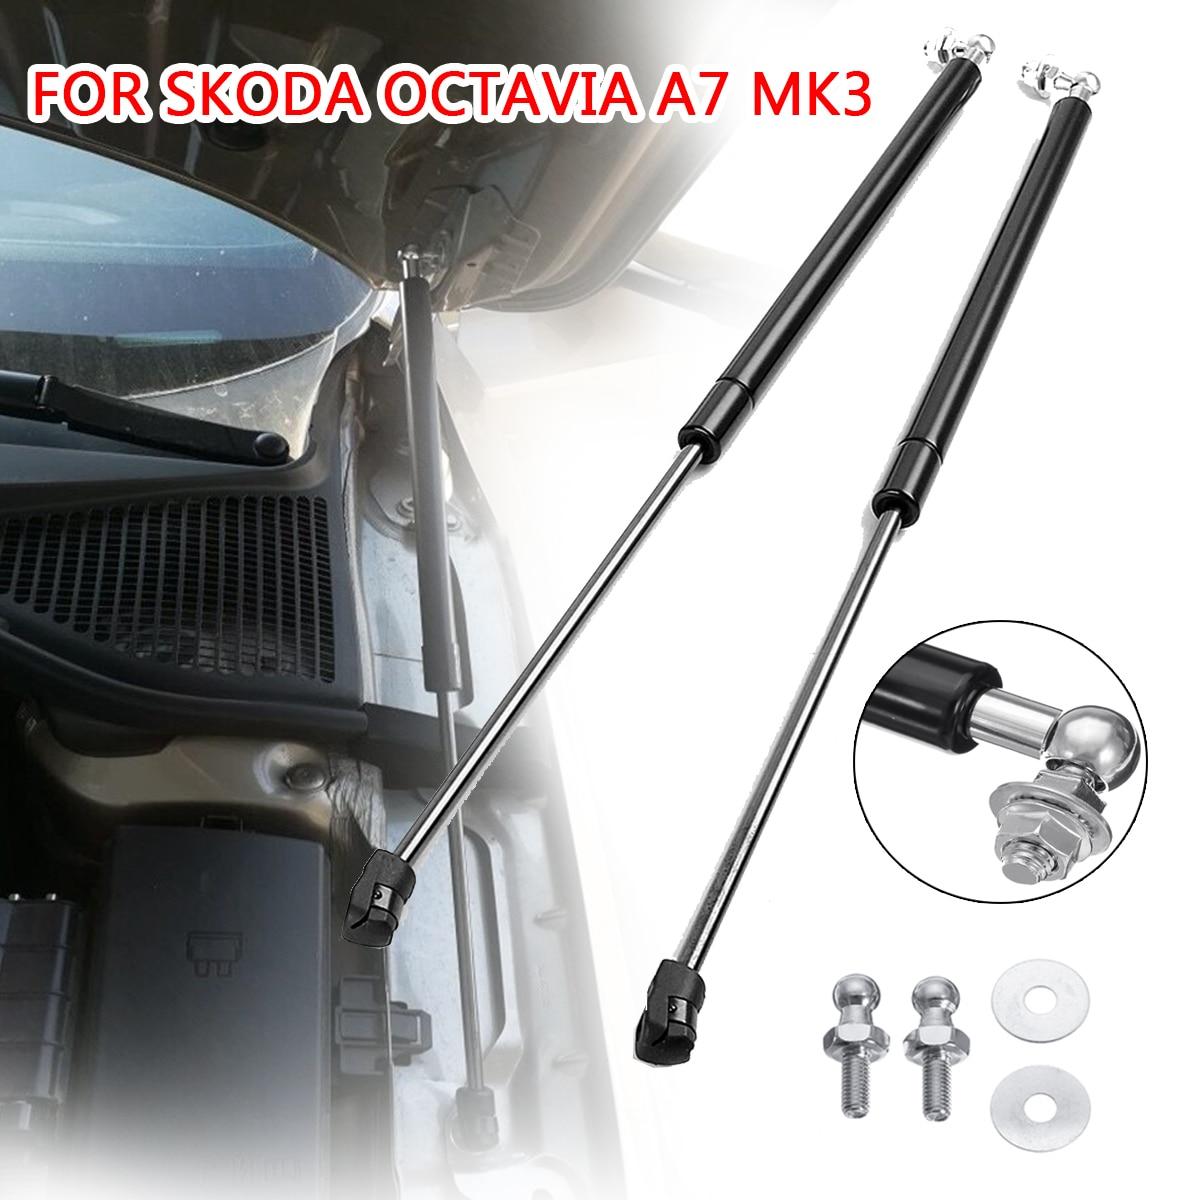 2 sztuk samochodów amortyzator gazu amortyzator wspornik podnośnika dla Skoda Octavia A7 MK3 pręt hydrauliczny ze stali nierdzewnej akcesoria samochodowe